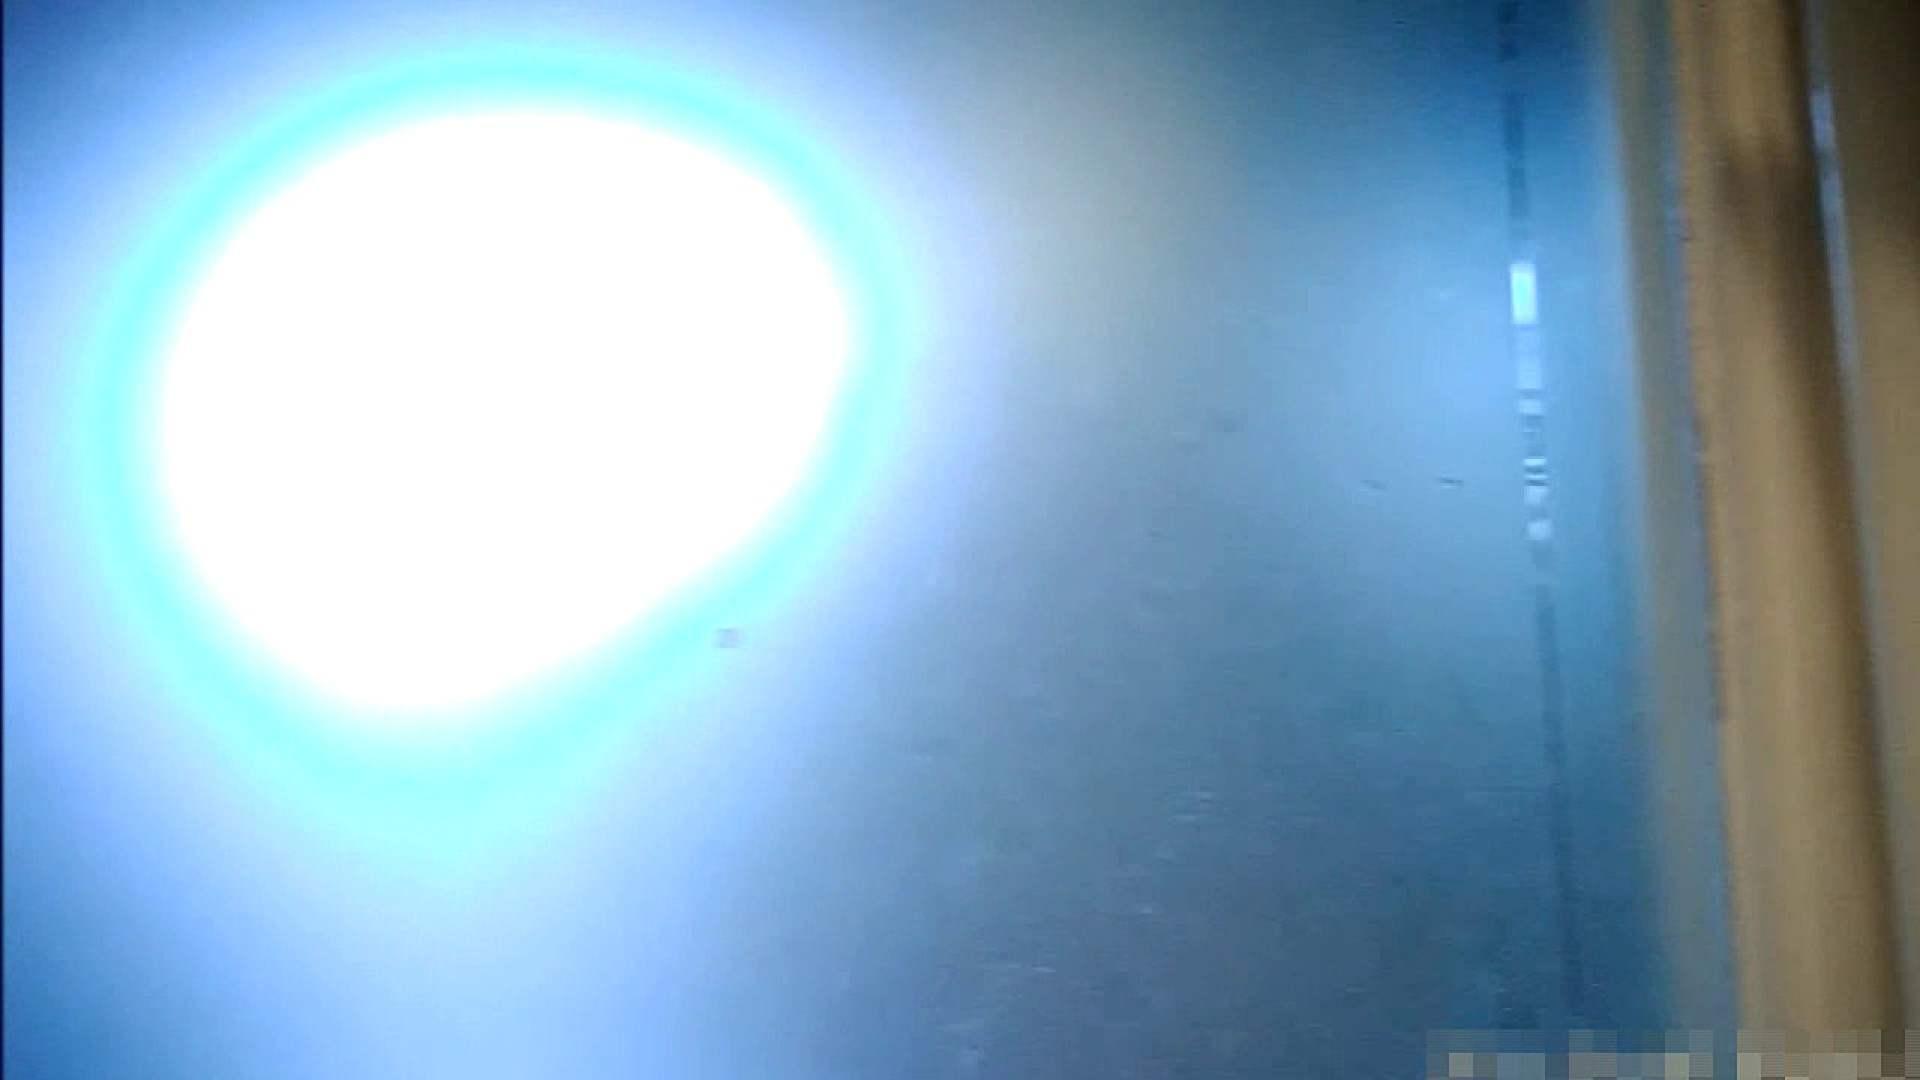 魔術師の お・も・て・な・し vol.07 19歳巨乳ギャルの入浴撮影 巨乳 おまんこ無修正動画無料 95pic 33